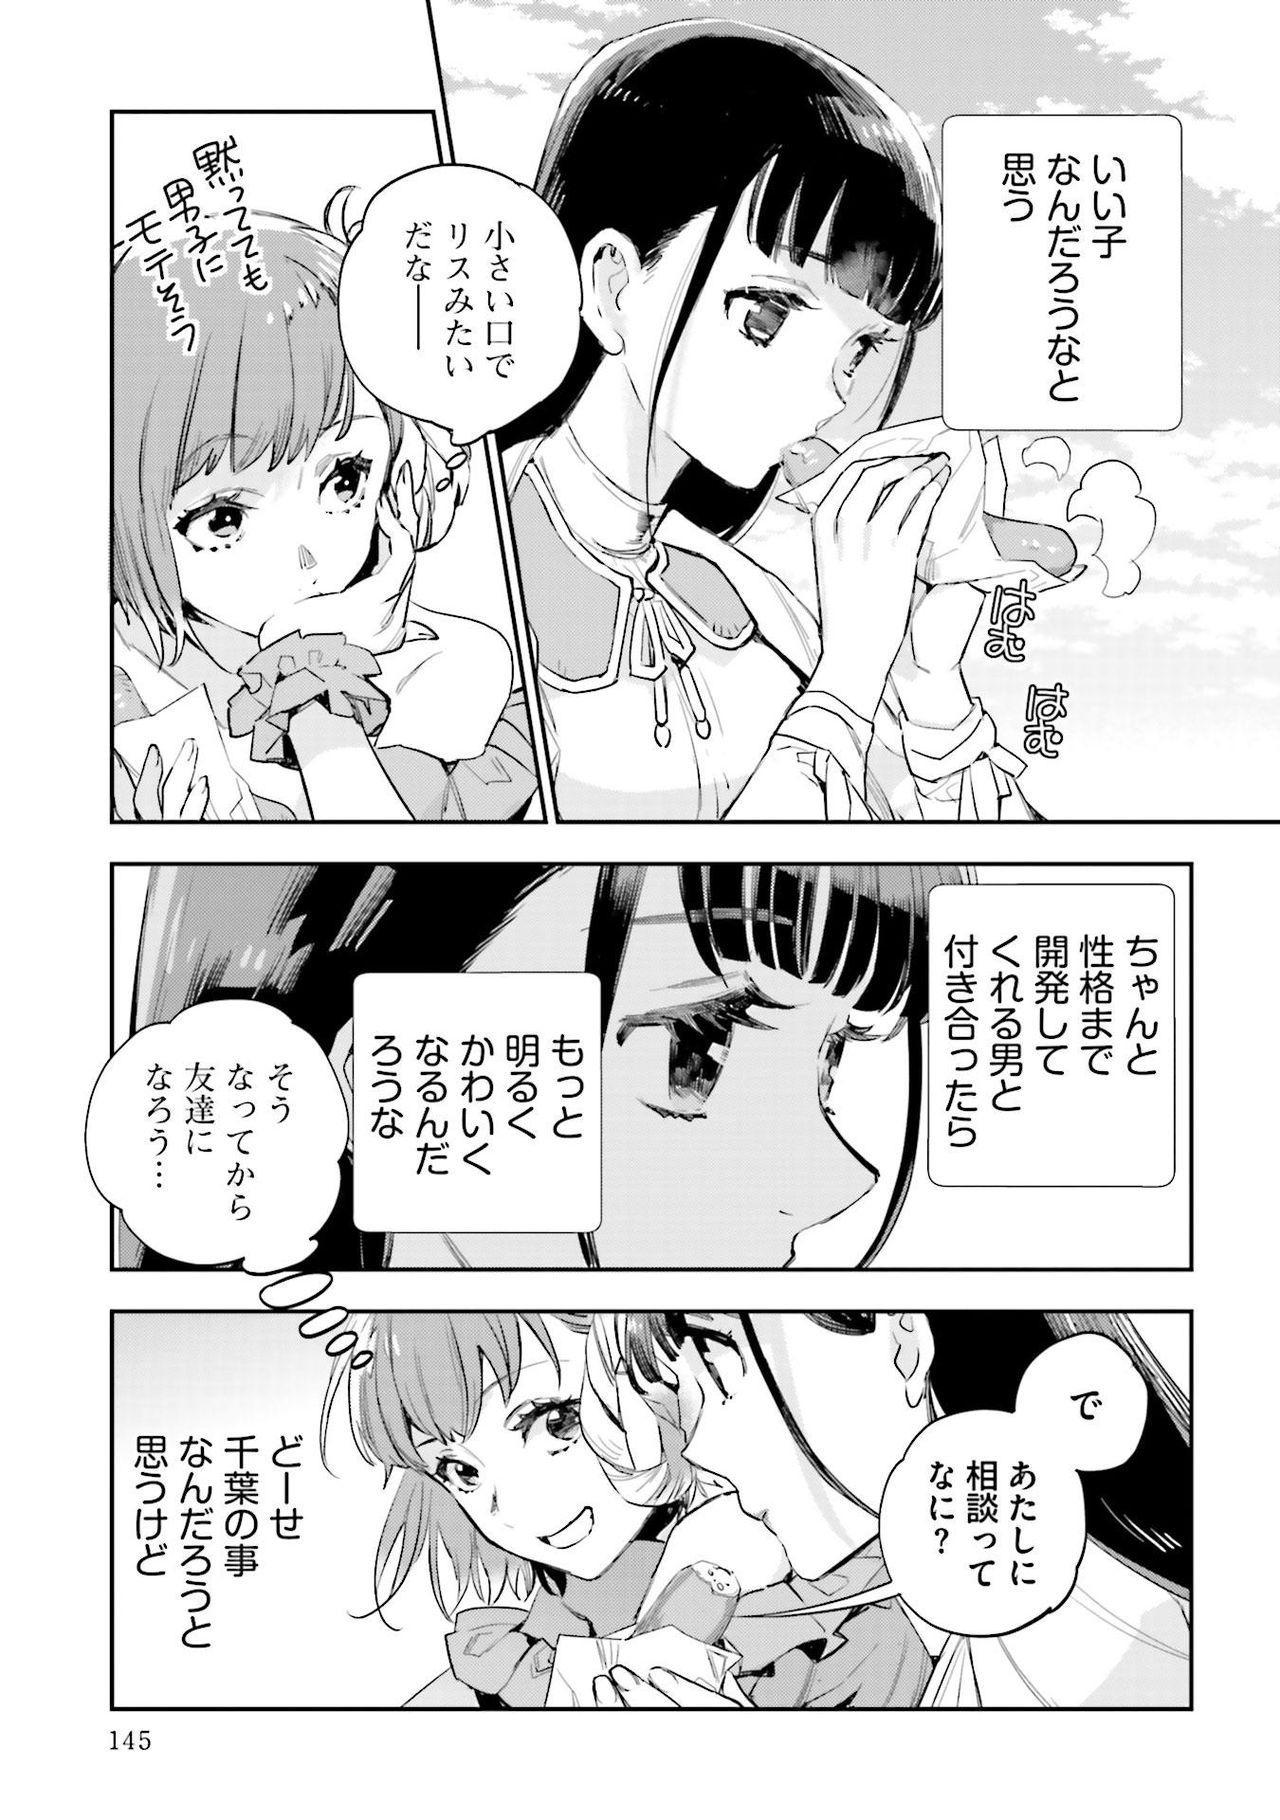 JK Haru wa Isekai de Shoufu ni Natta 1-14 504